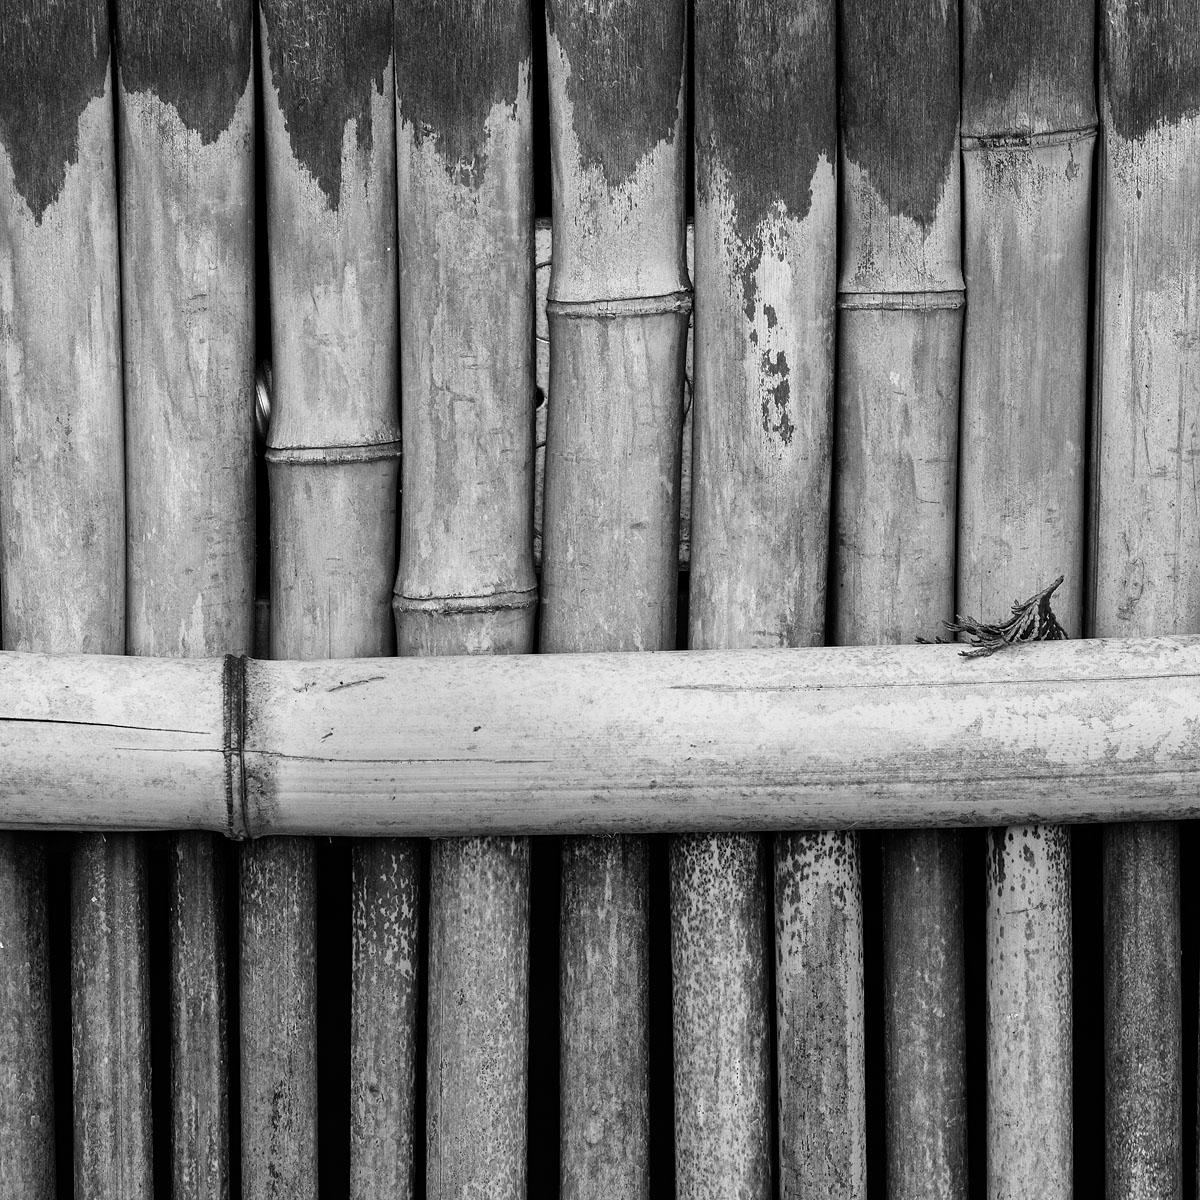 Fence Detail, Hakone Gardens